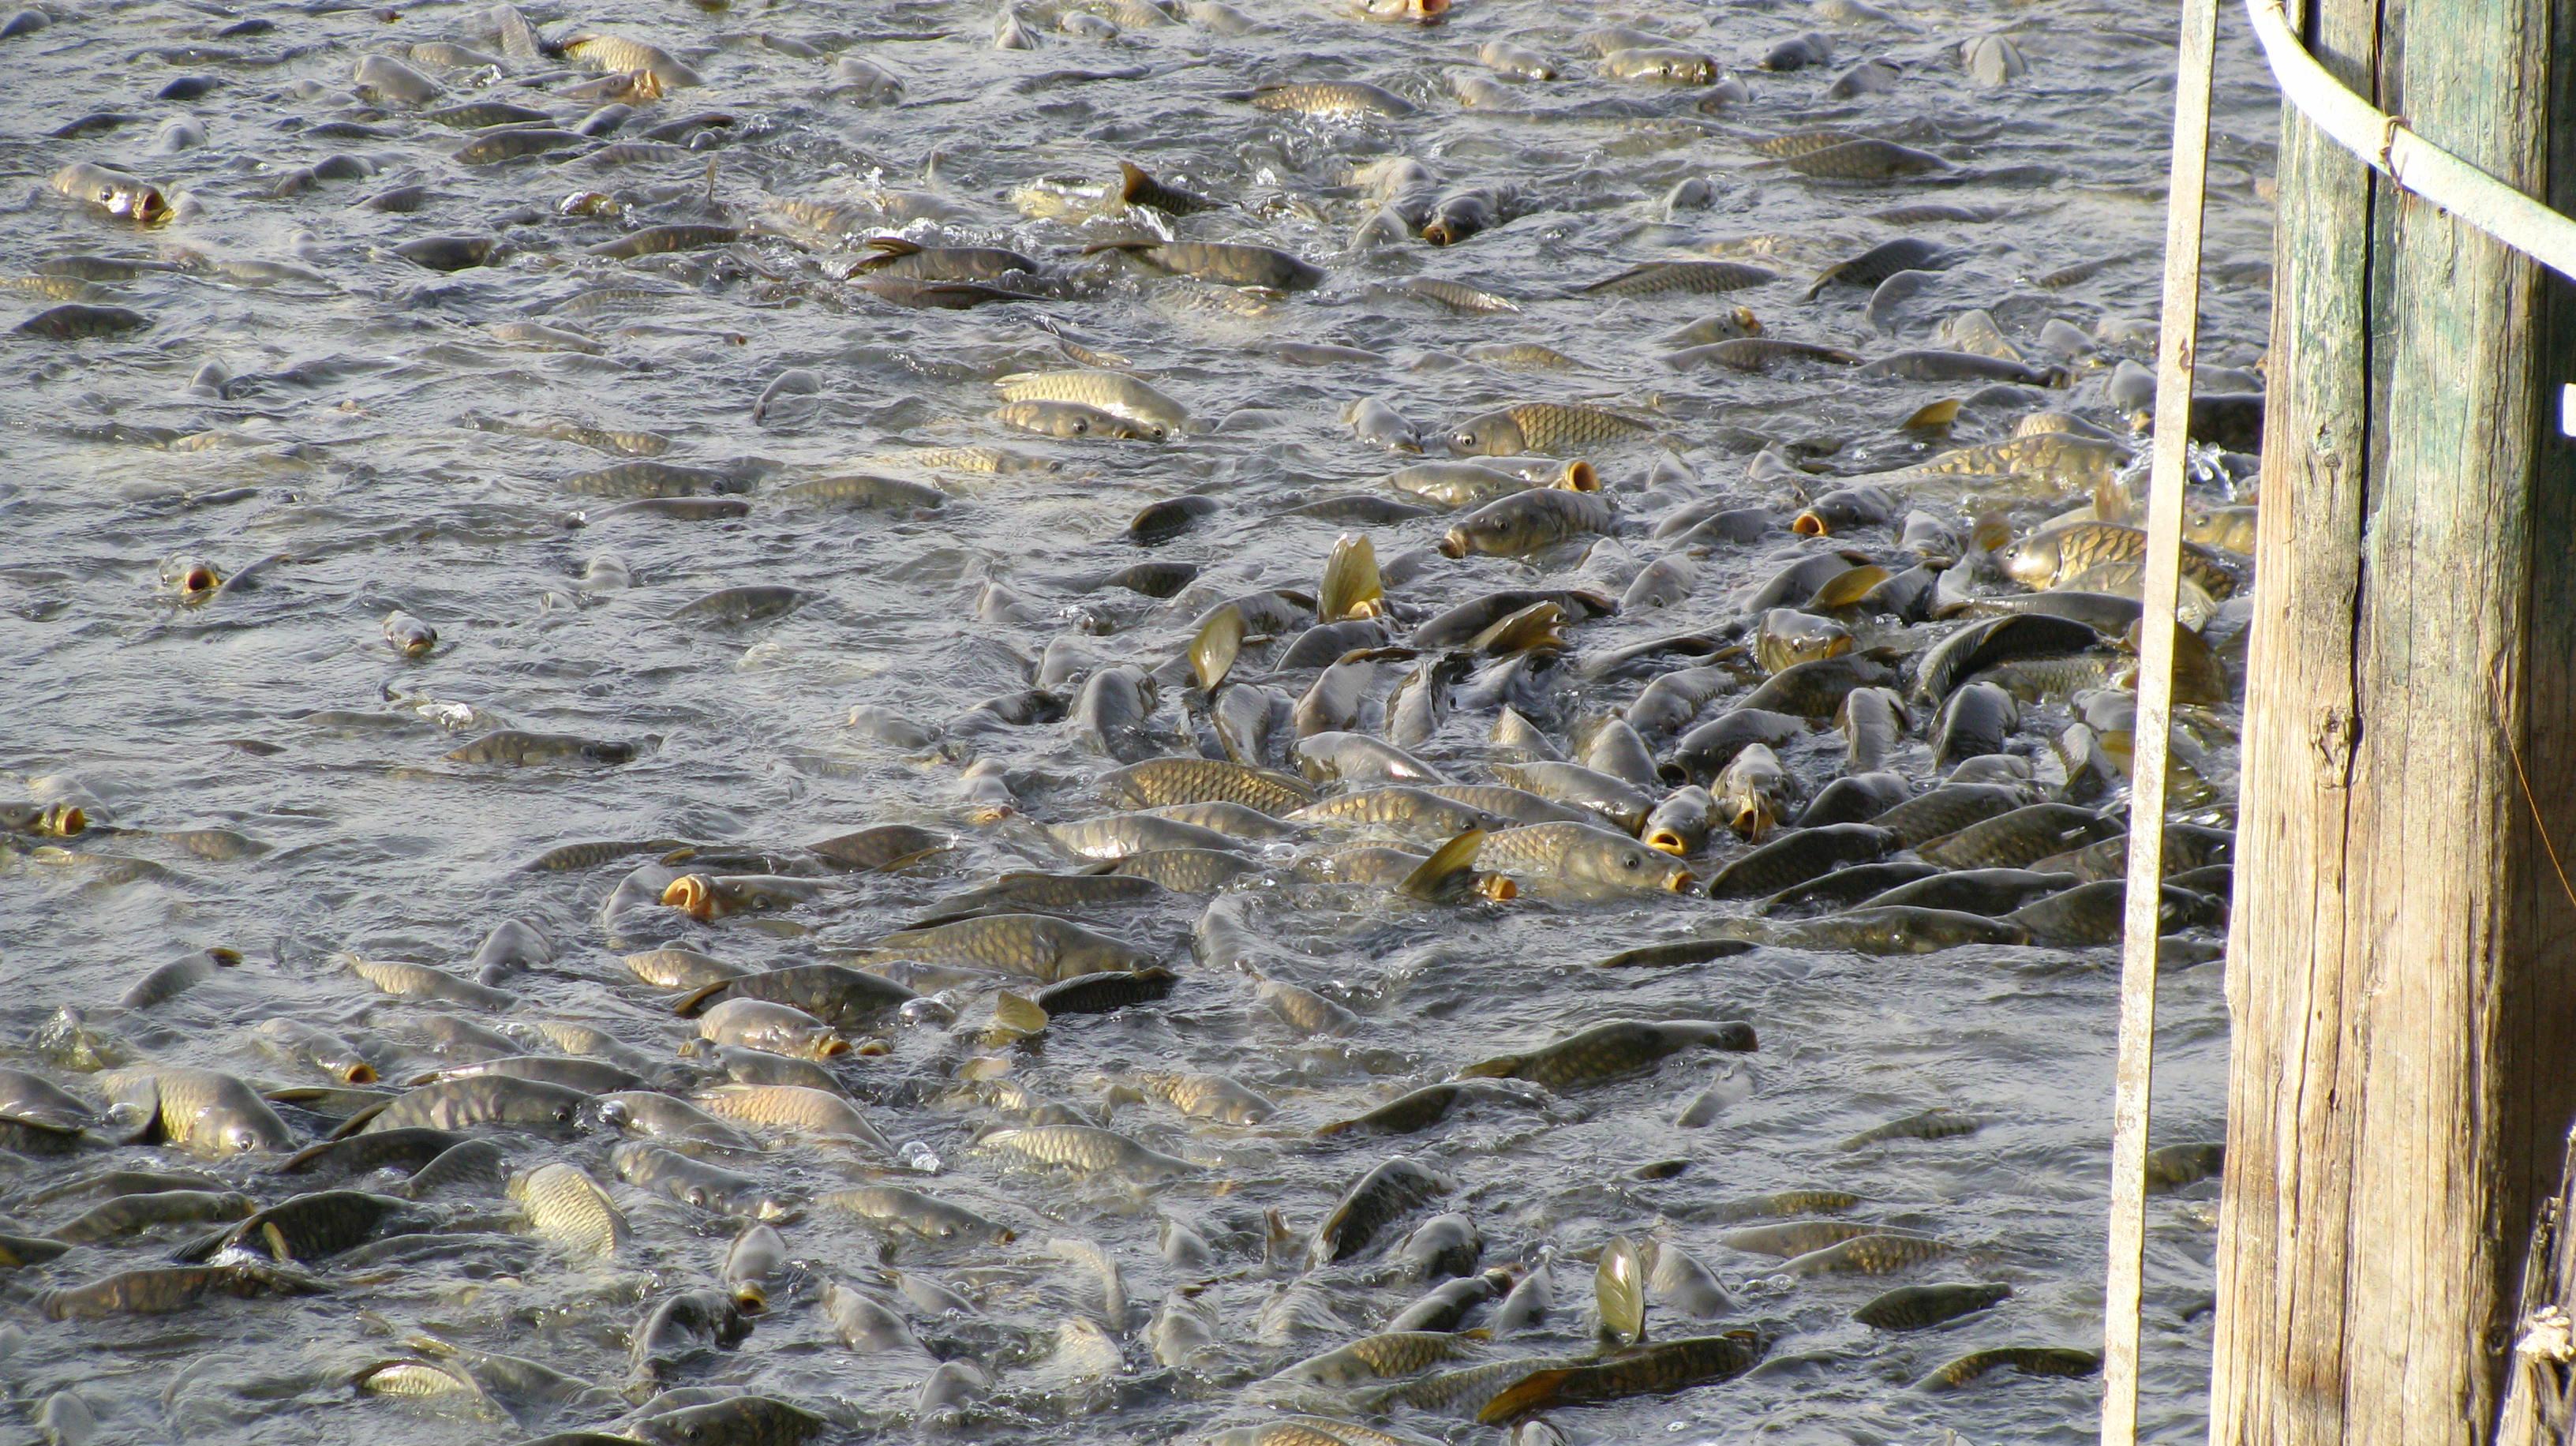 Fishes in Mansar lake